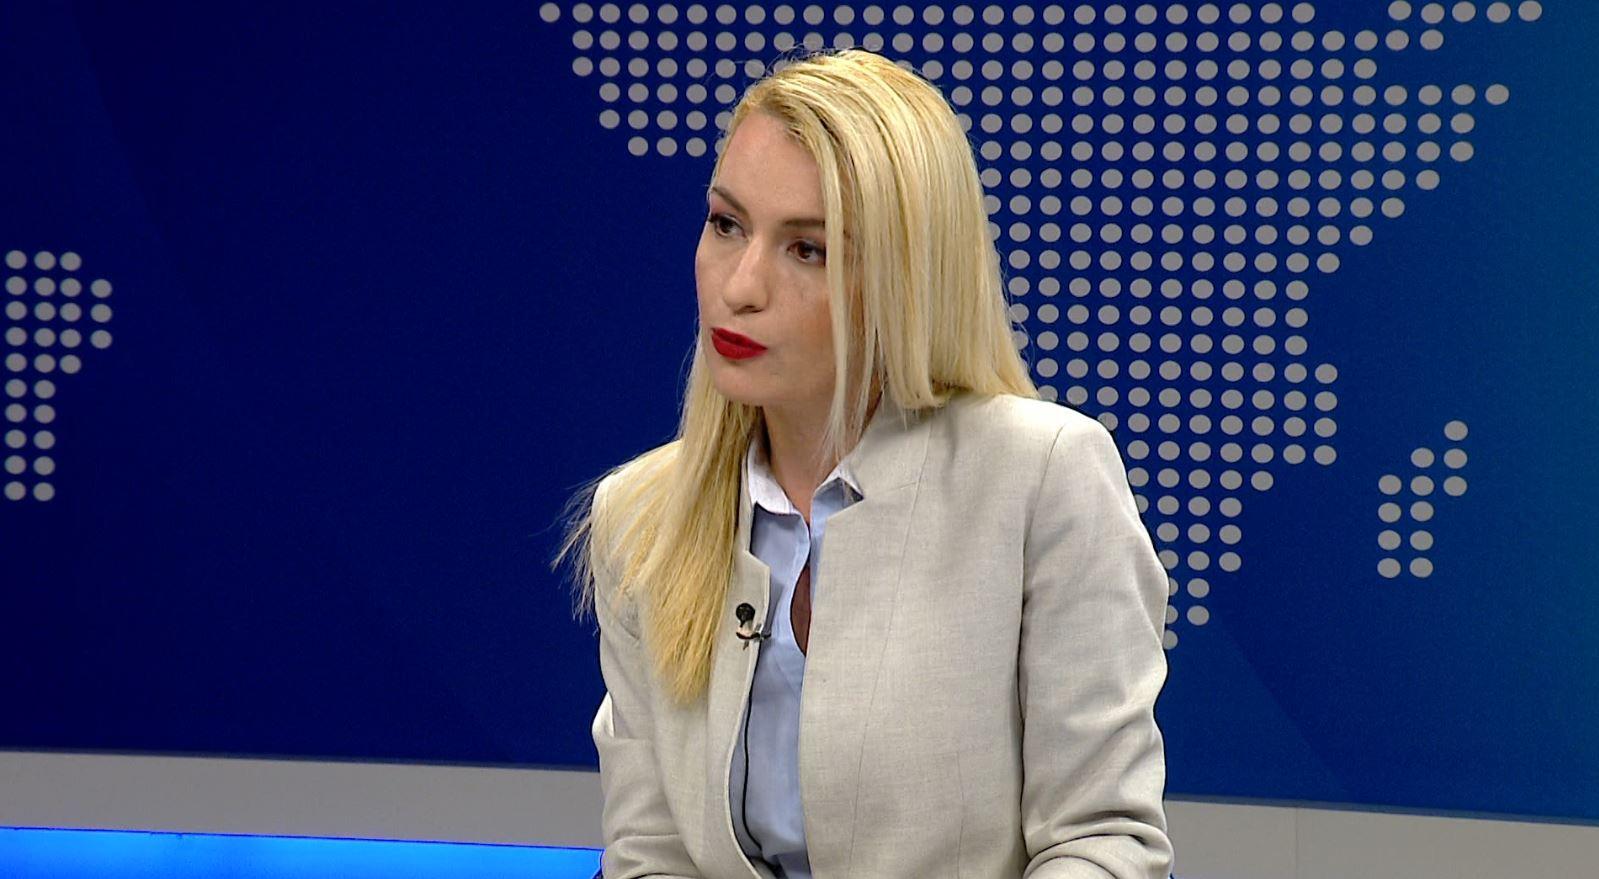 Zëvendësministrja e Brendshme Kuko emërohet kryetare e Këshillit Bashkiak Tiranë